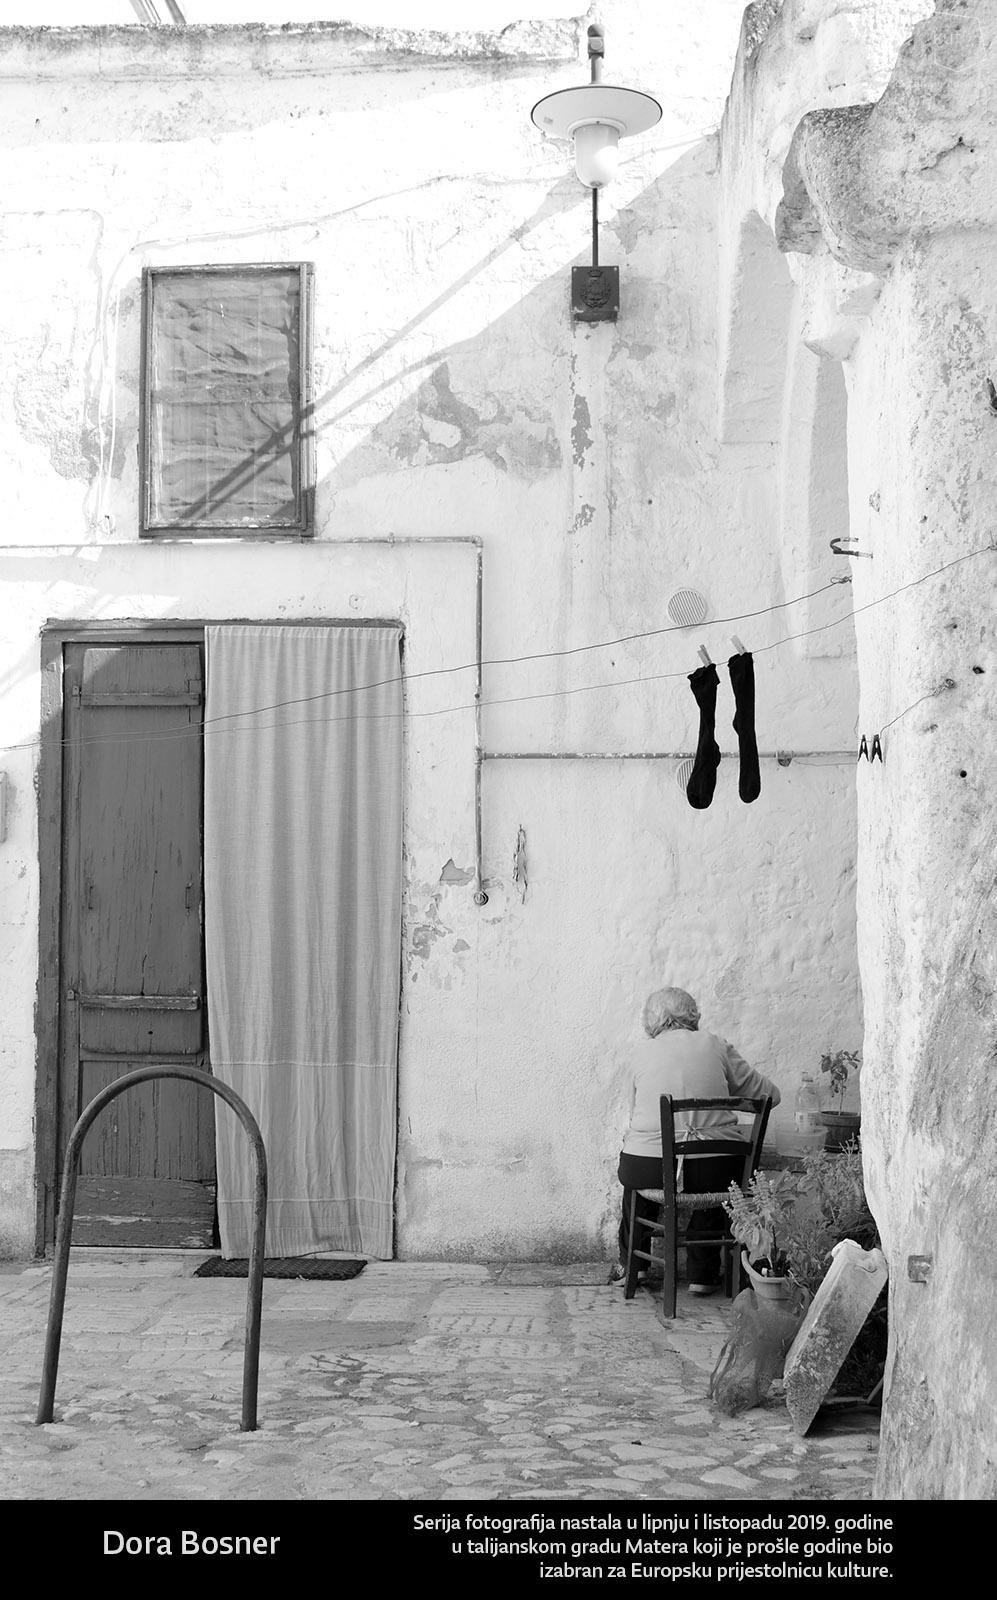 © Dora Bosner